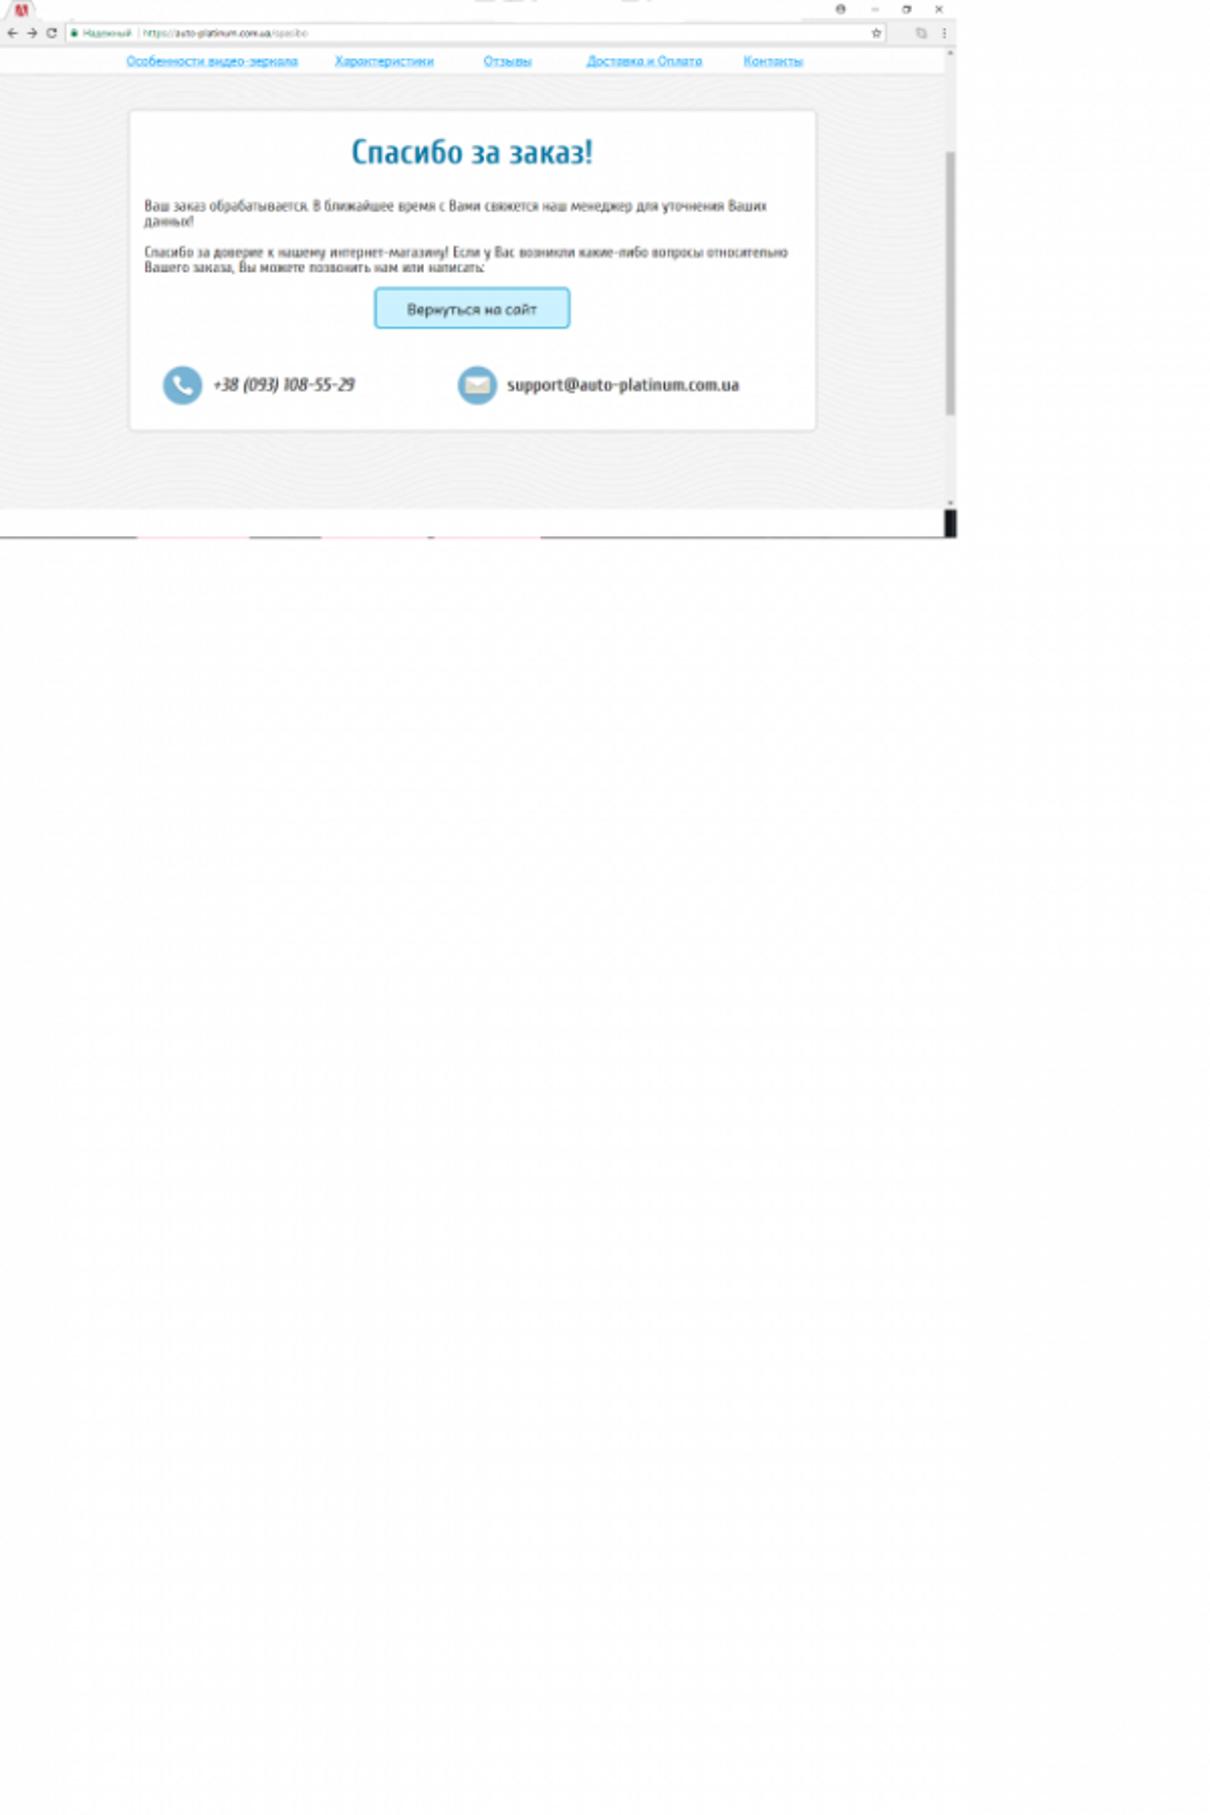 Жалоба-отзыв: Панкратов Николай Дмитриевич https://auto-platinum.com.ua - Занимается лохотроном, продаёт по цене 2999 зеркало видеорегистратор по цене 600 грн.  Фото №4